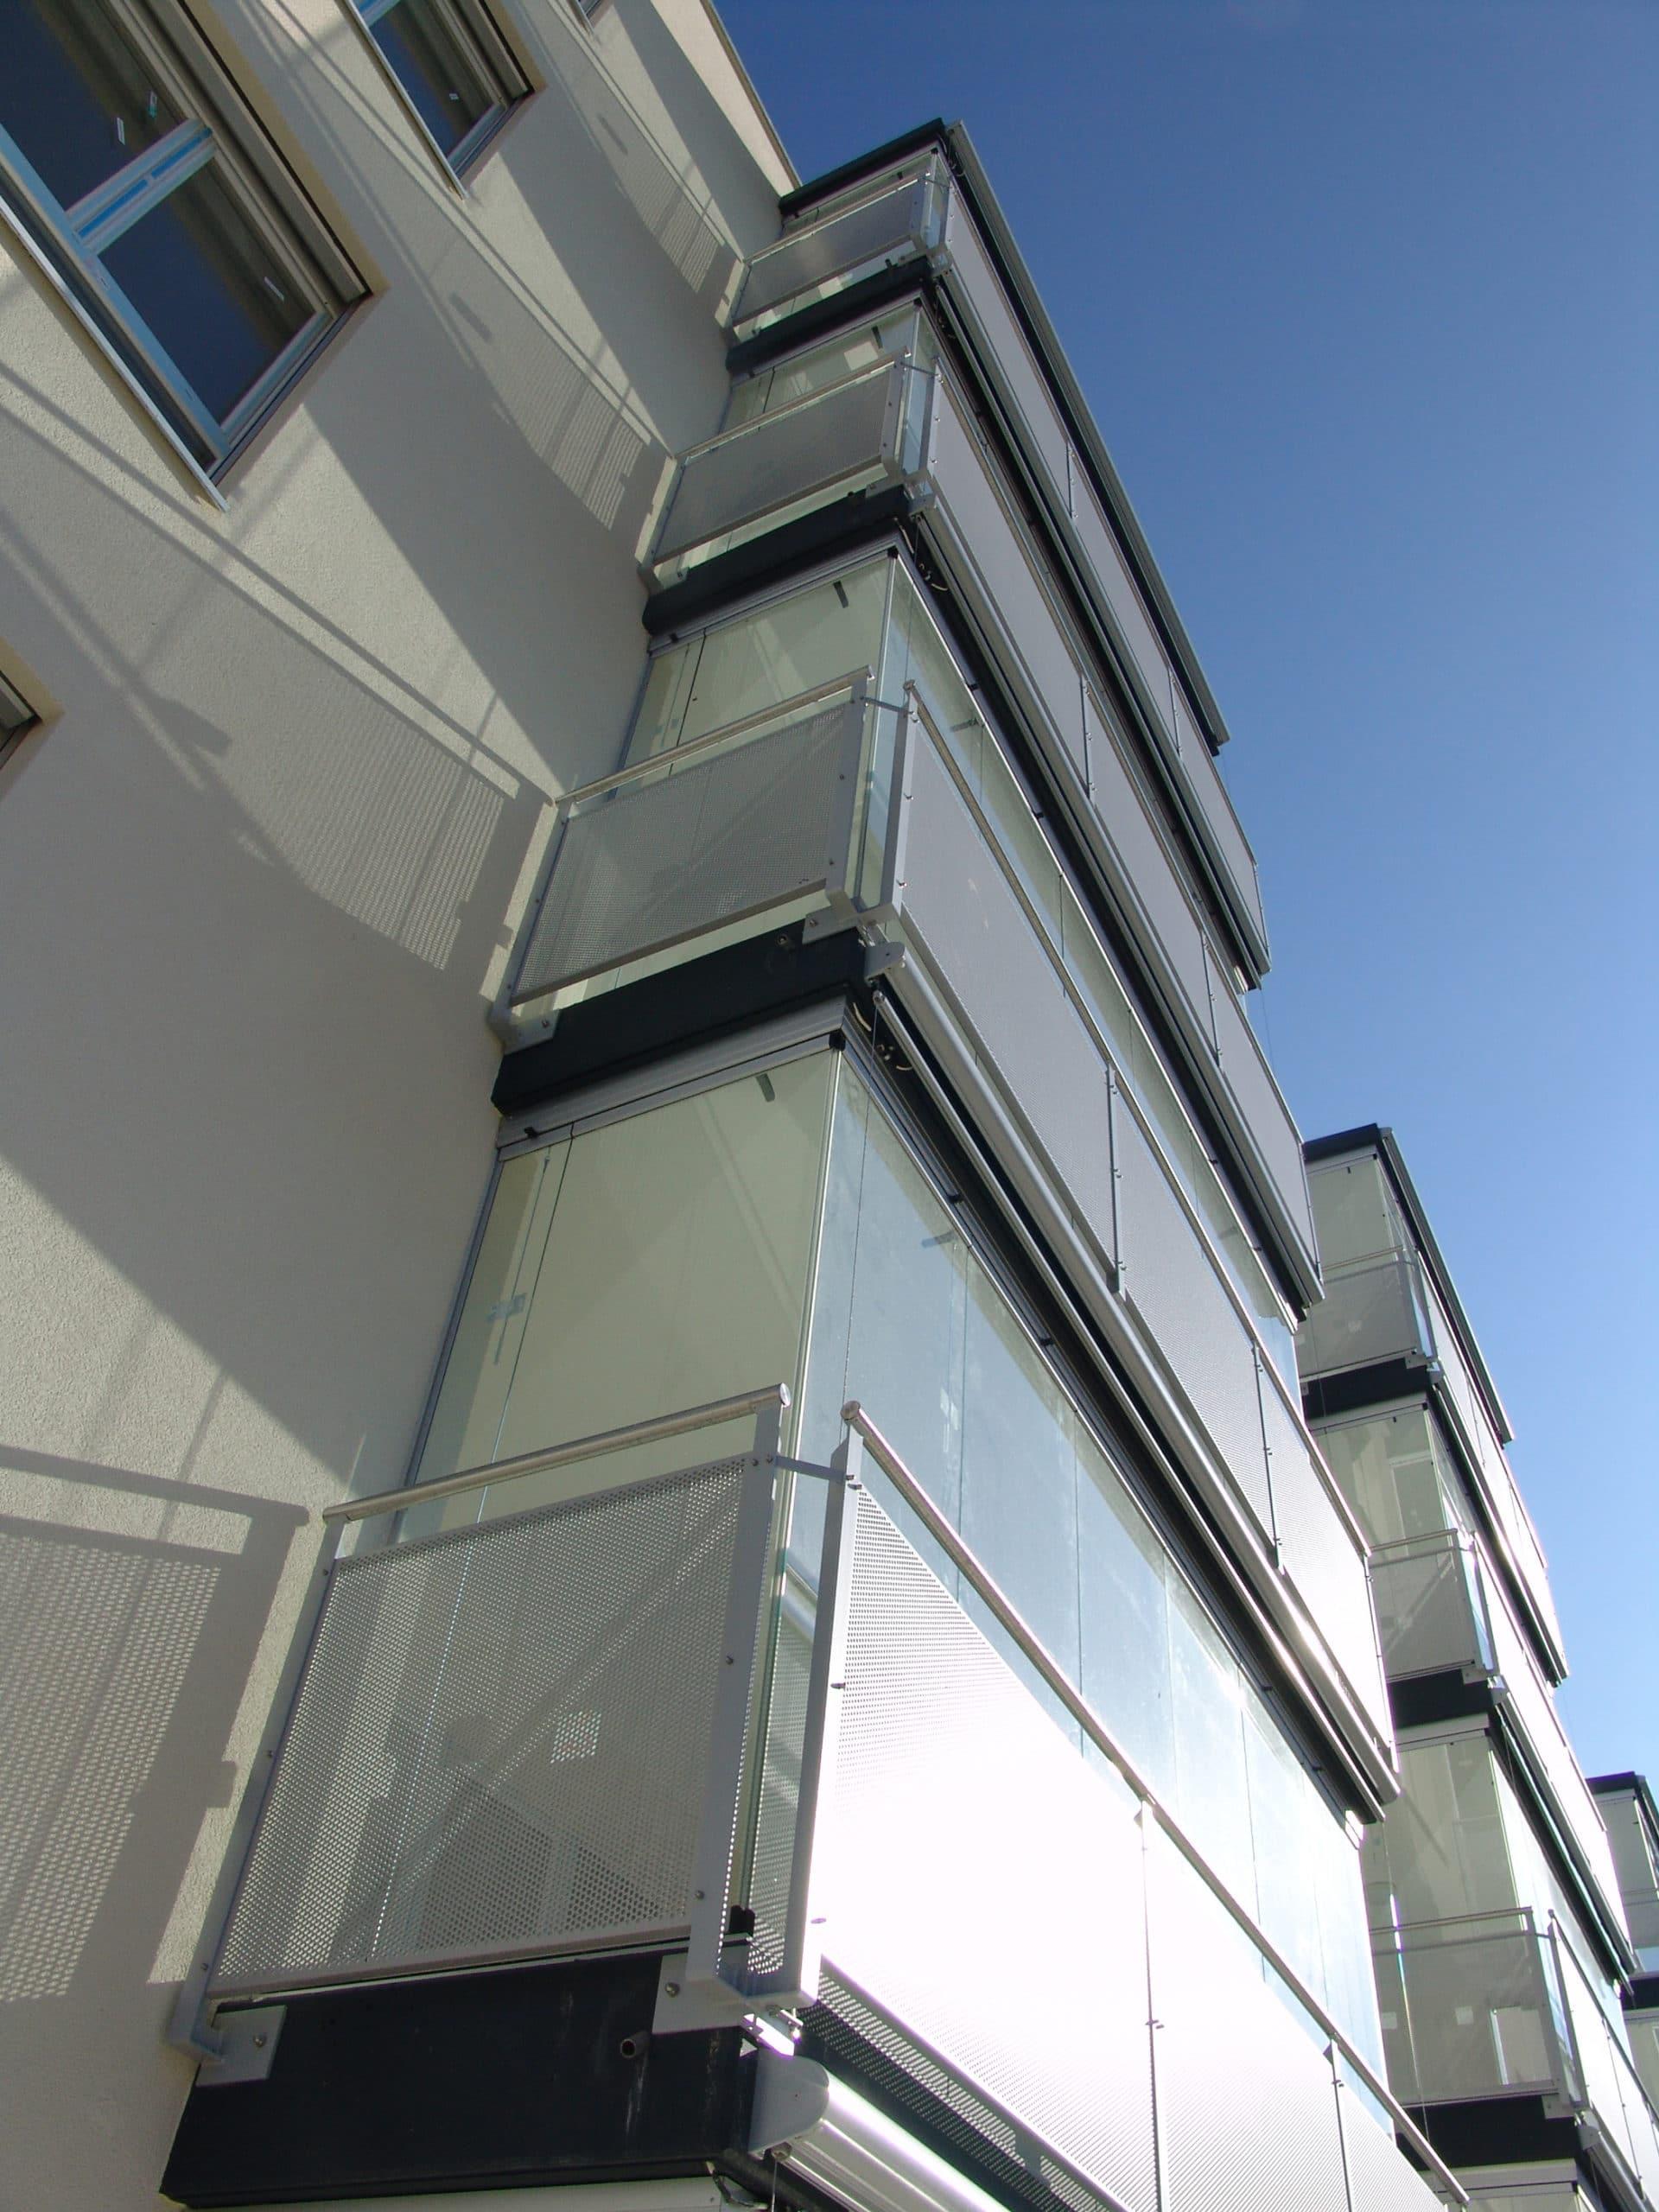 Transparenter Windschutz Loggiaverbauten nach Maß